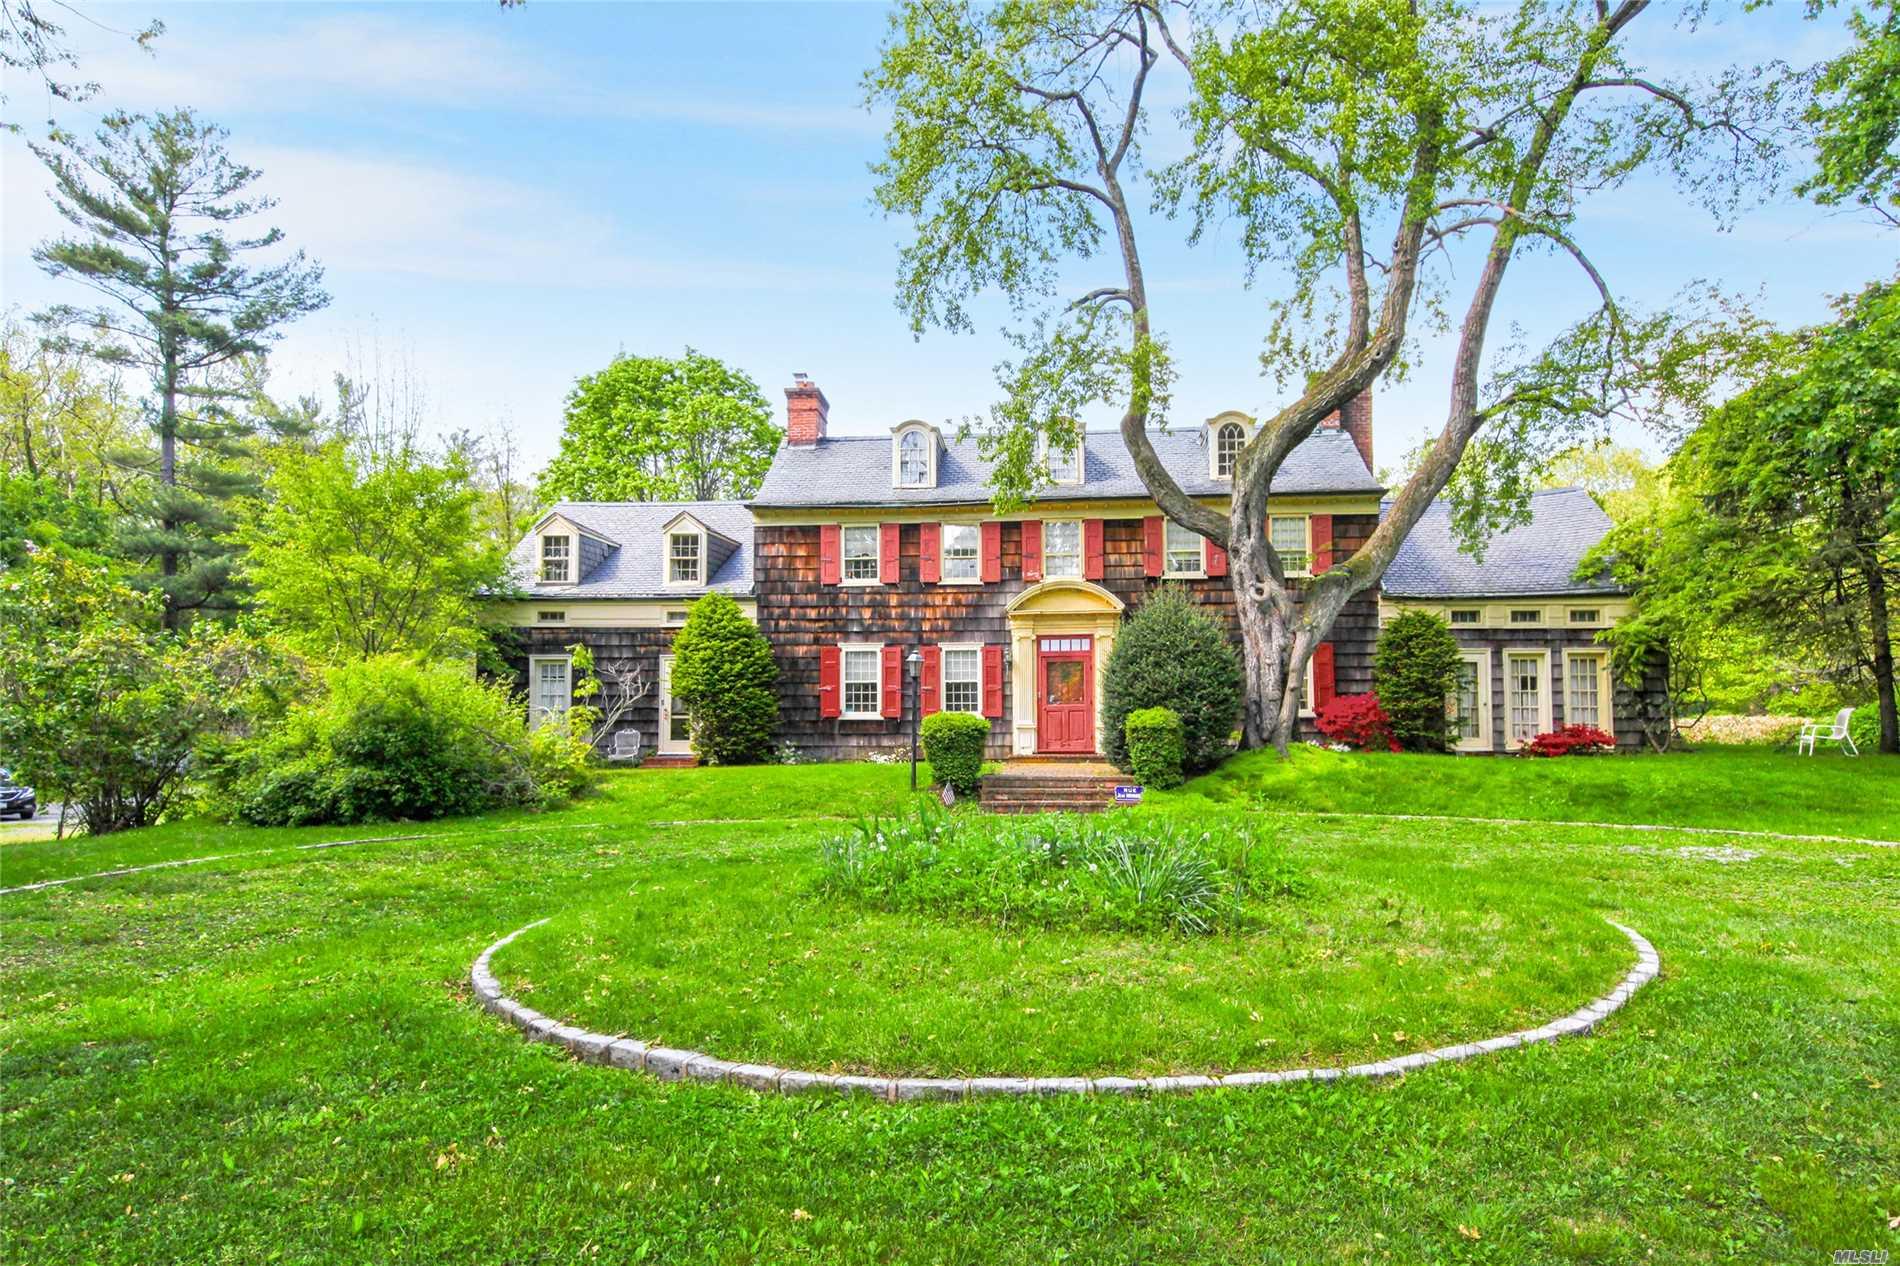 1257 Cedar Swamp Rd - Old Brookville, New York